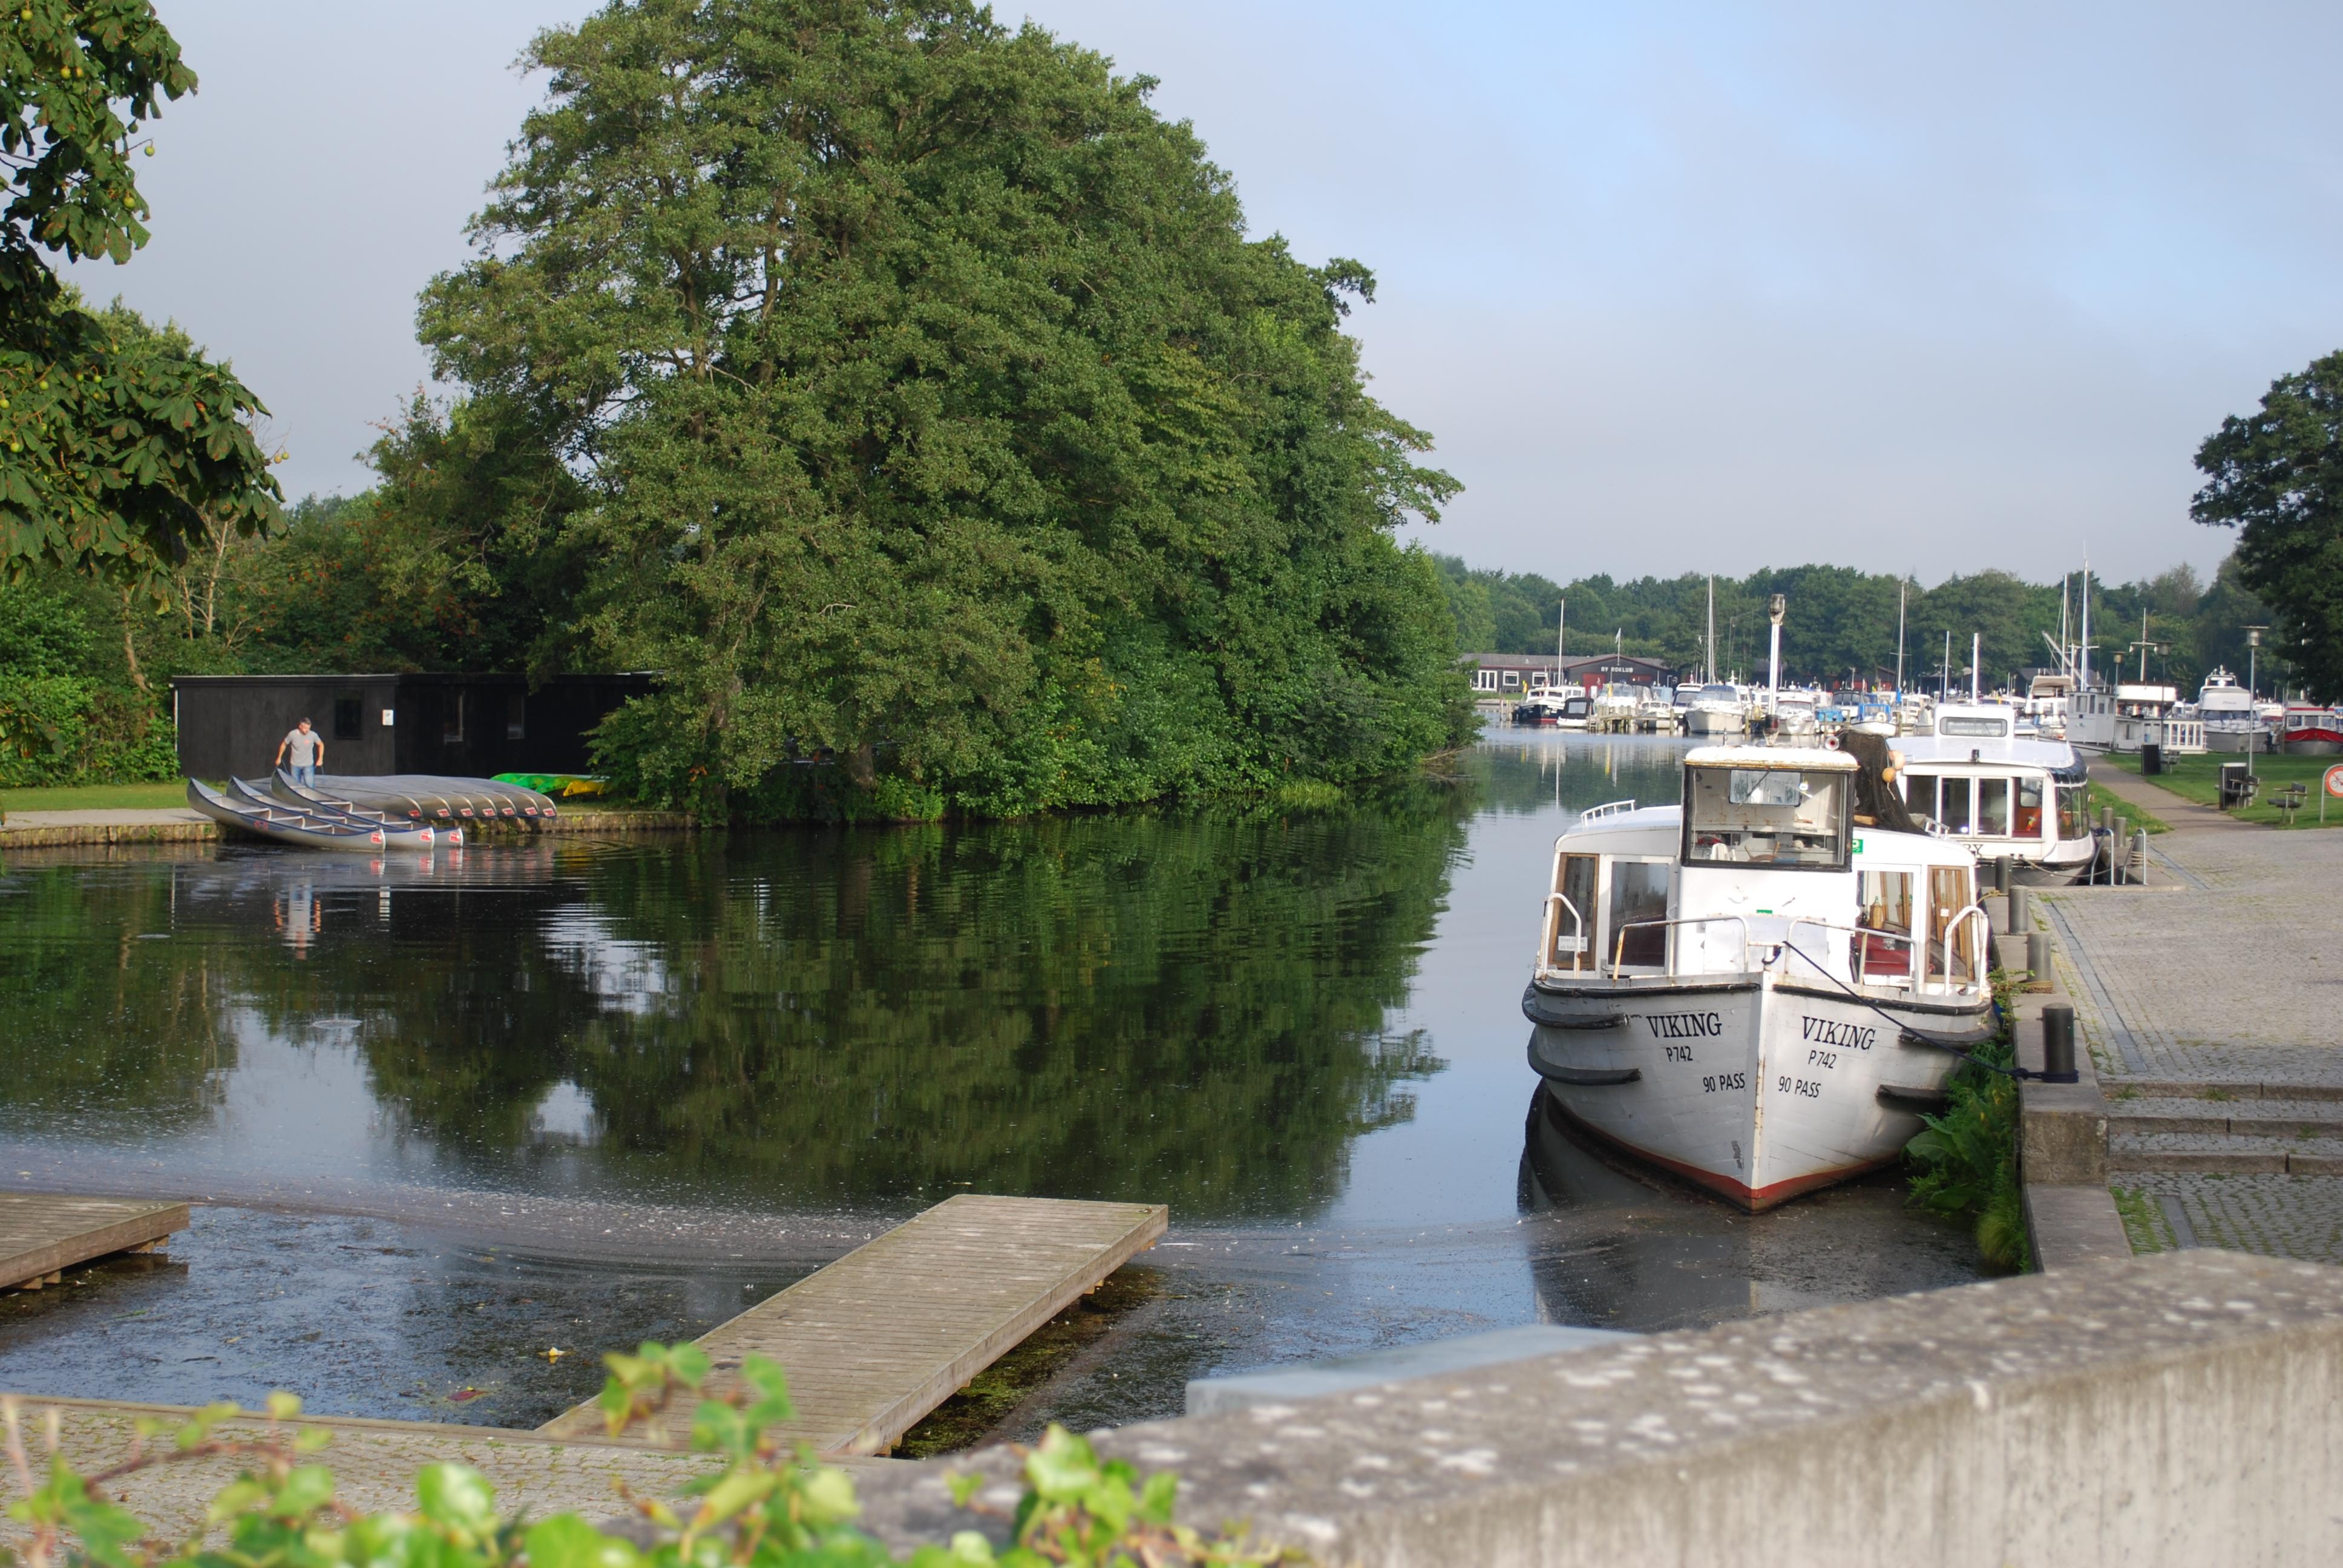 1-ry-marina-og-kanoudlejning